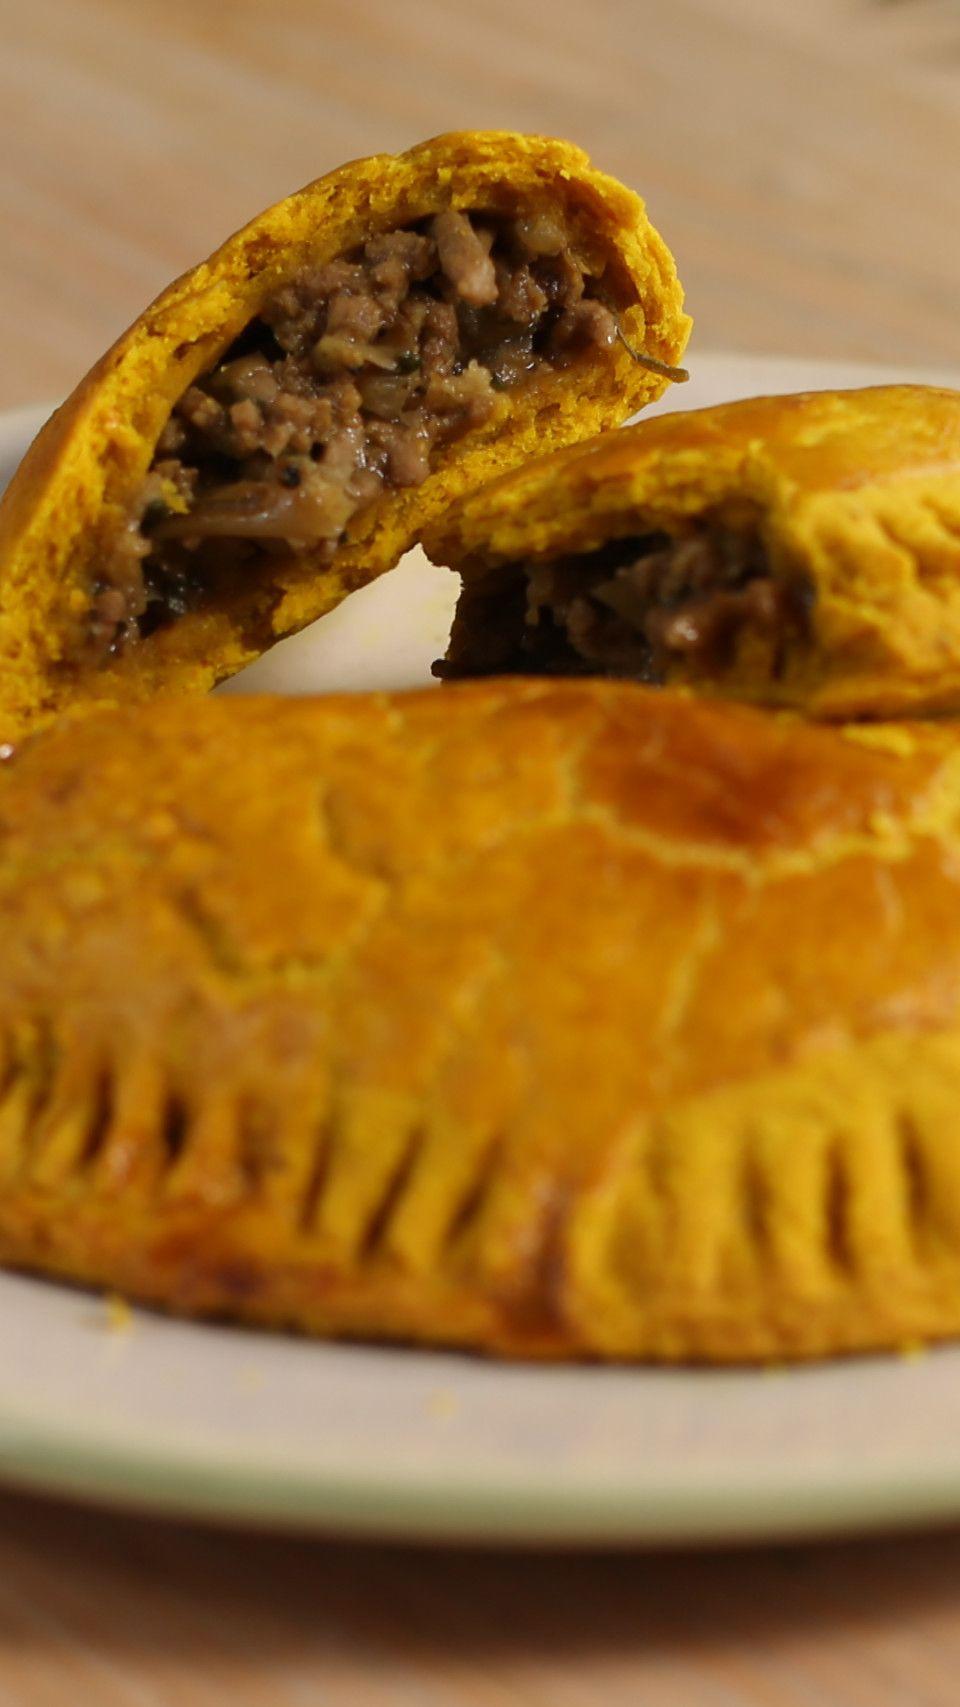 jamaican beef patties  recipe  recipe  beef patties recipes caribbean recipes jamaican recipes